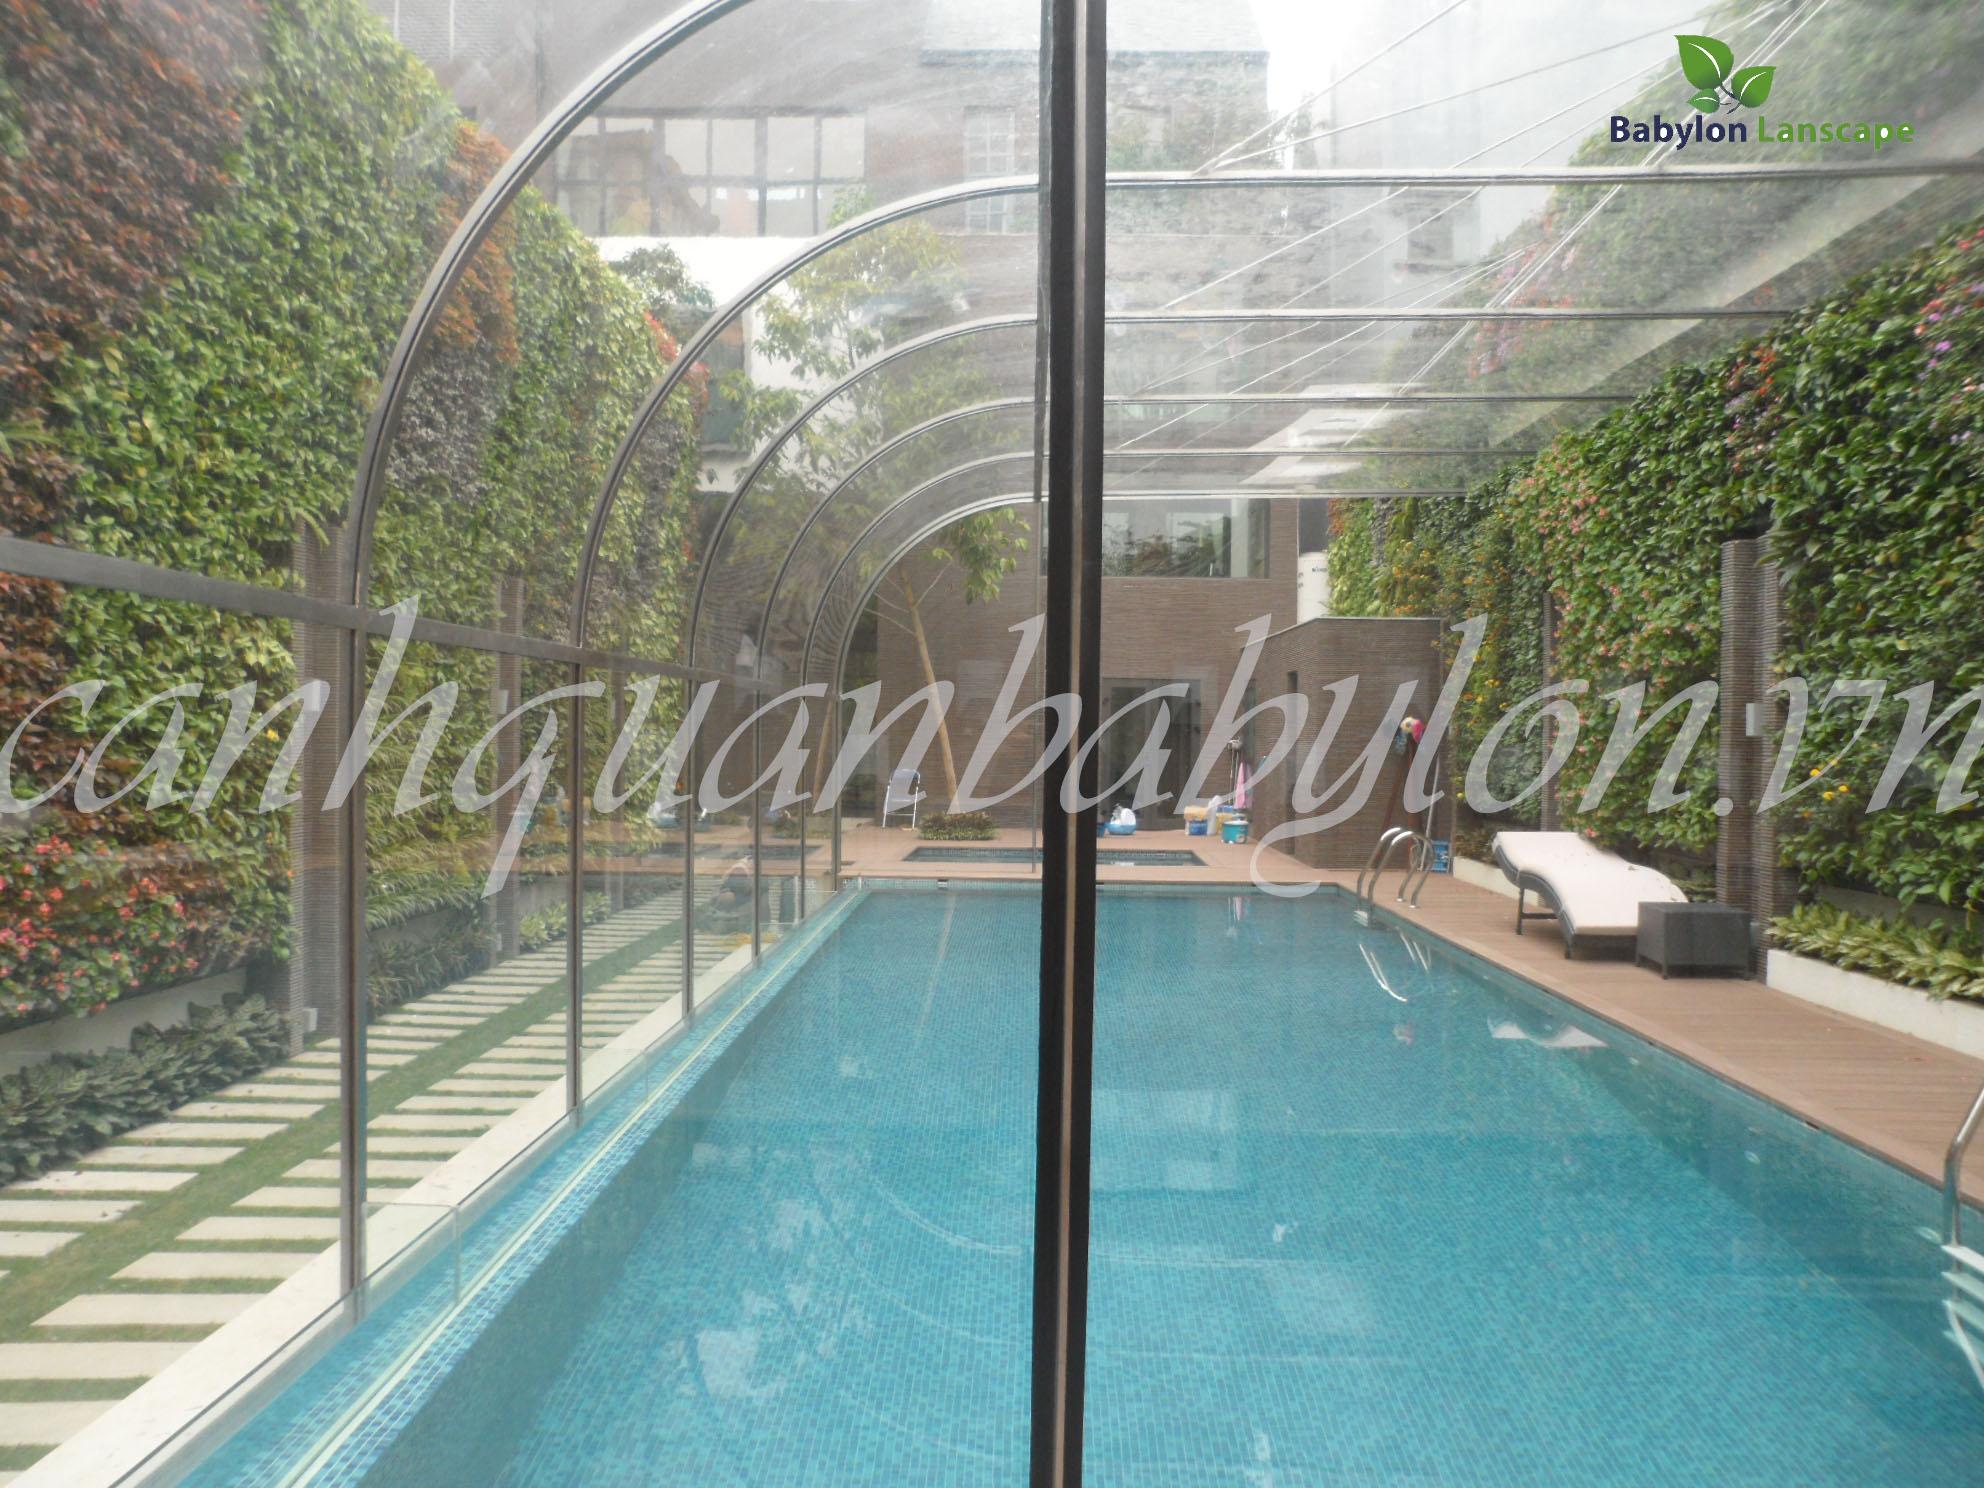 Thiết kế cảnh quan cho không gian bể bơi